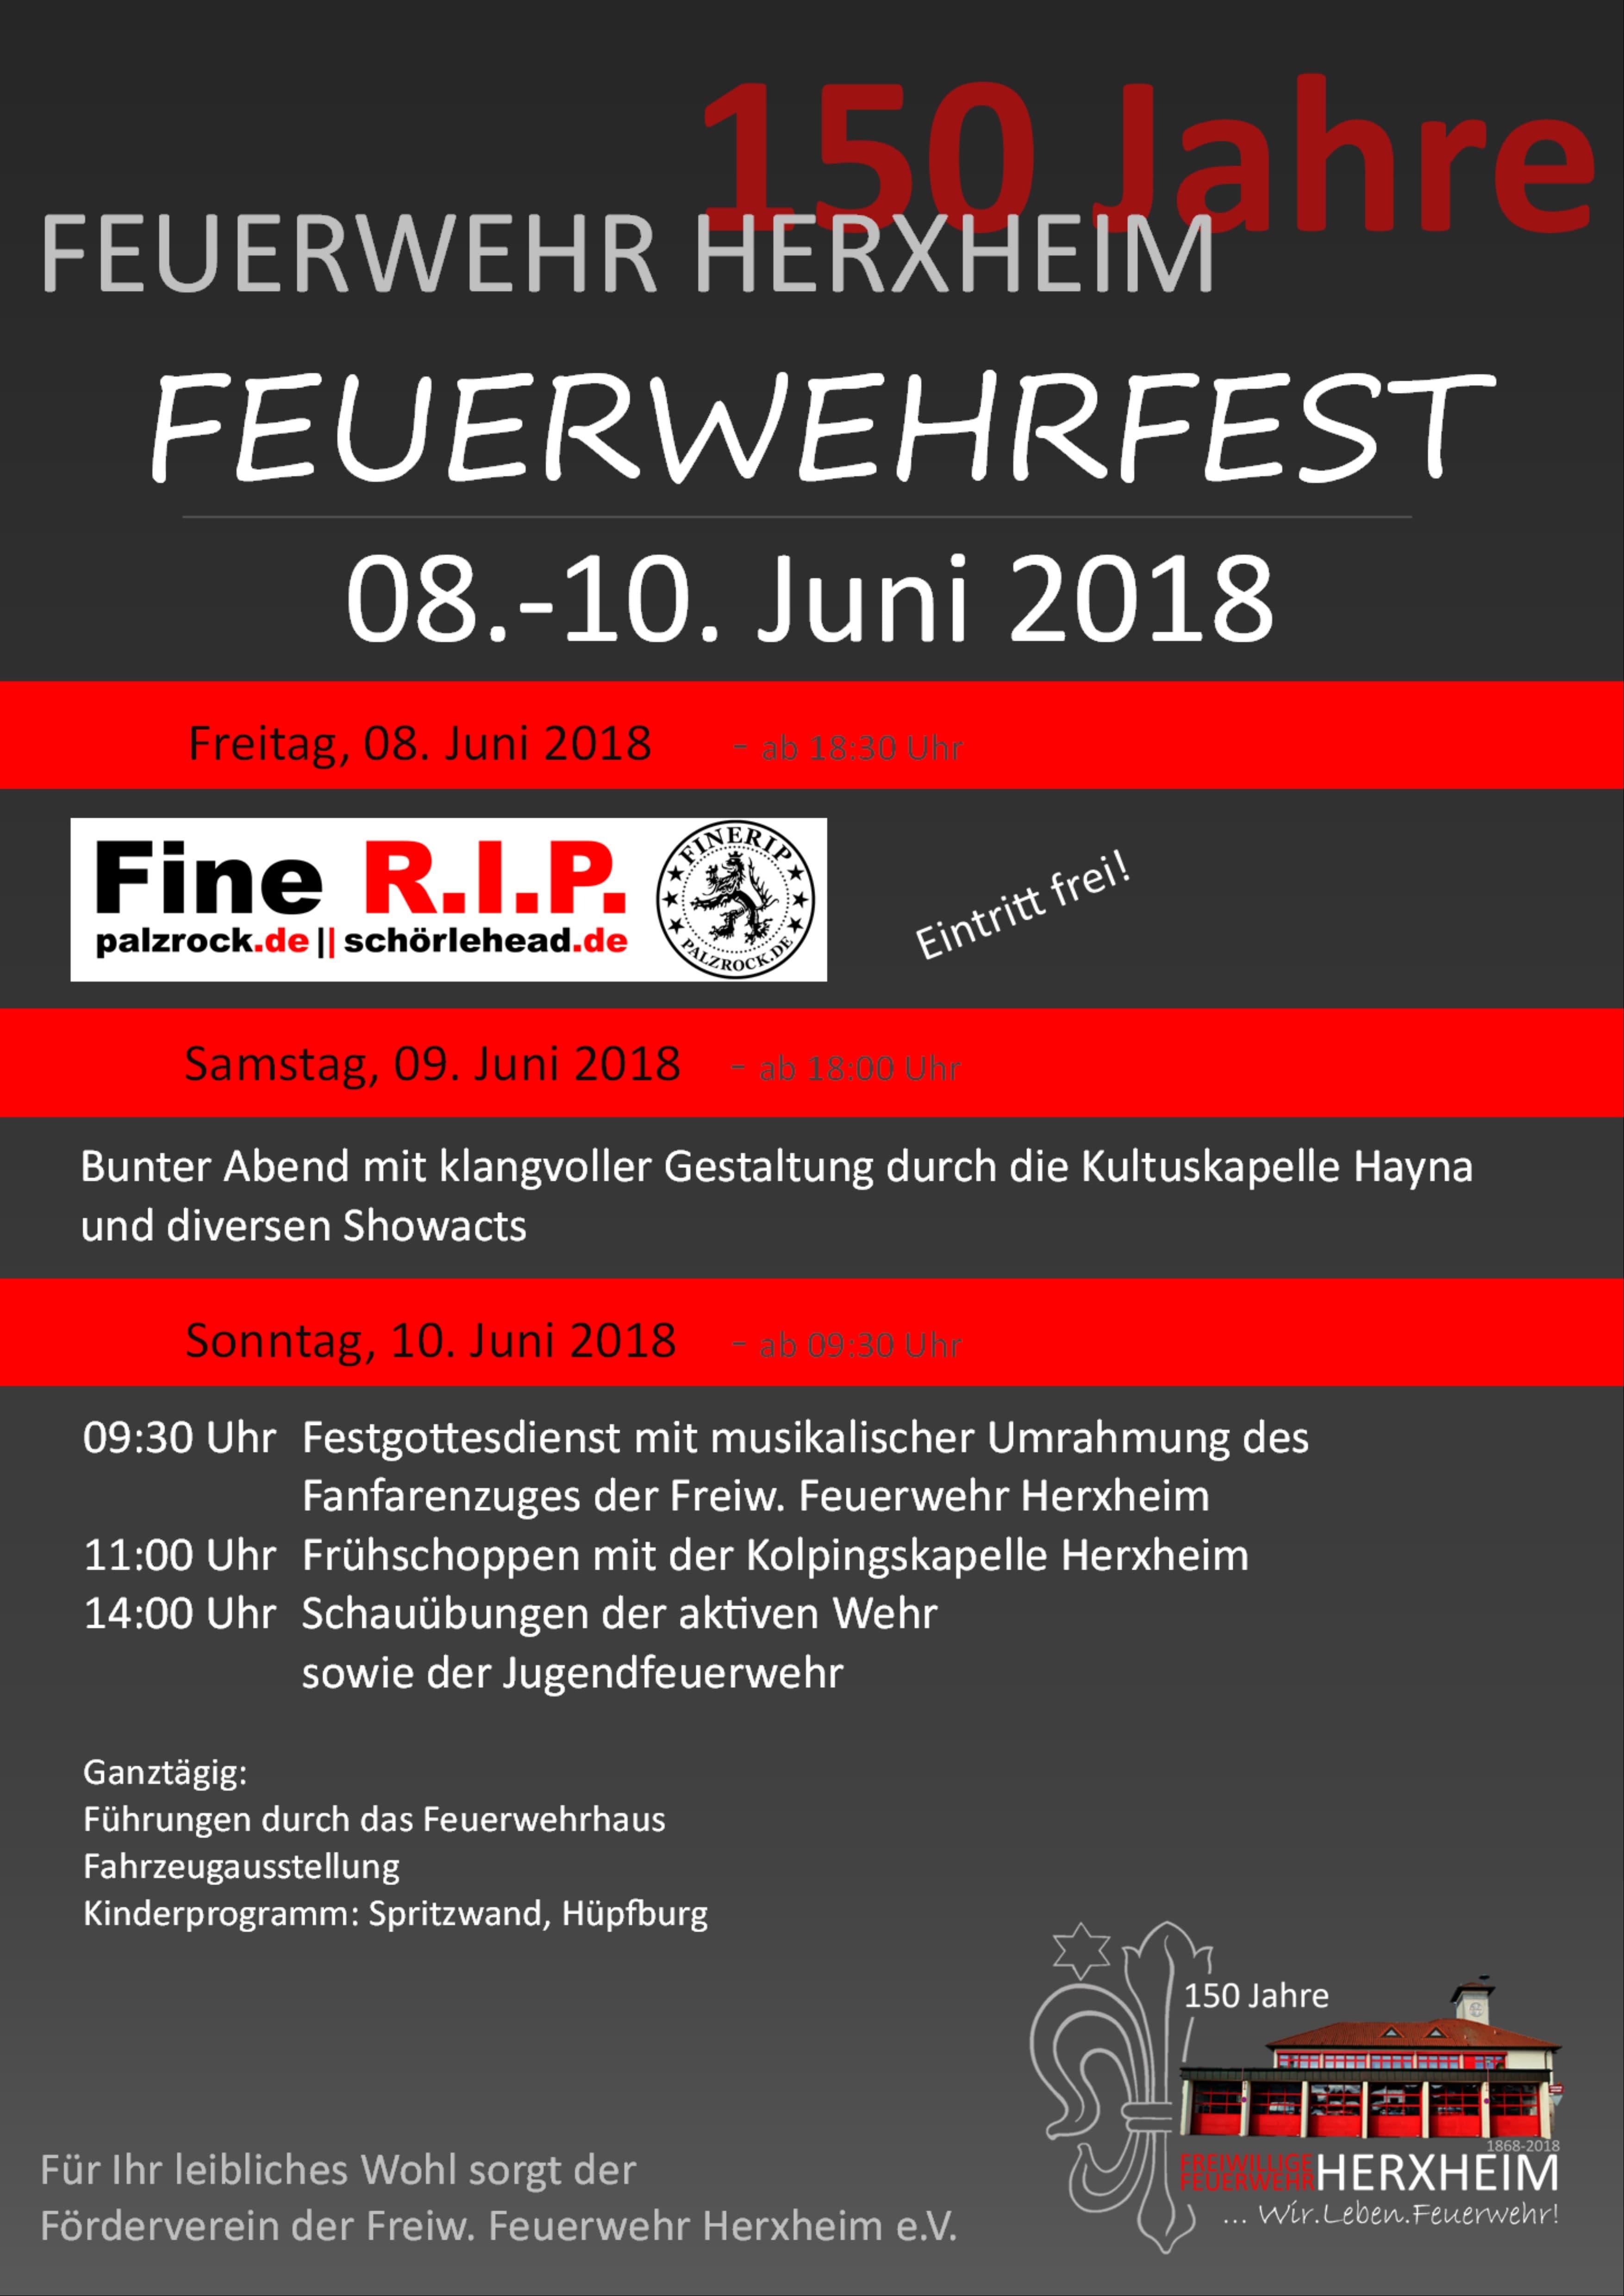 150-jähriges Bestehen der Feuerwehr Herxheim